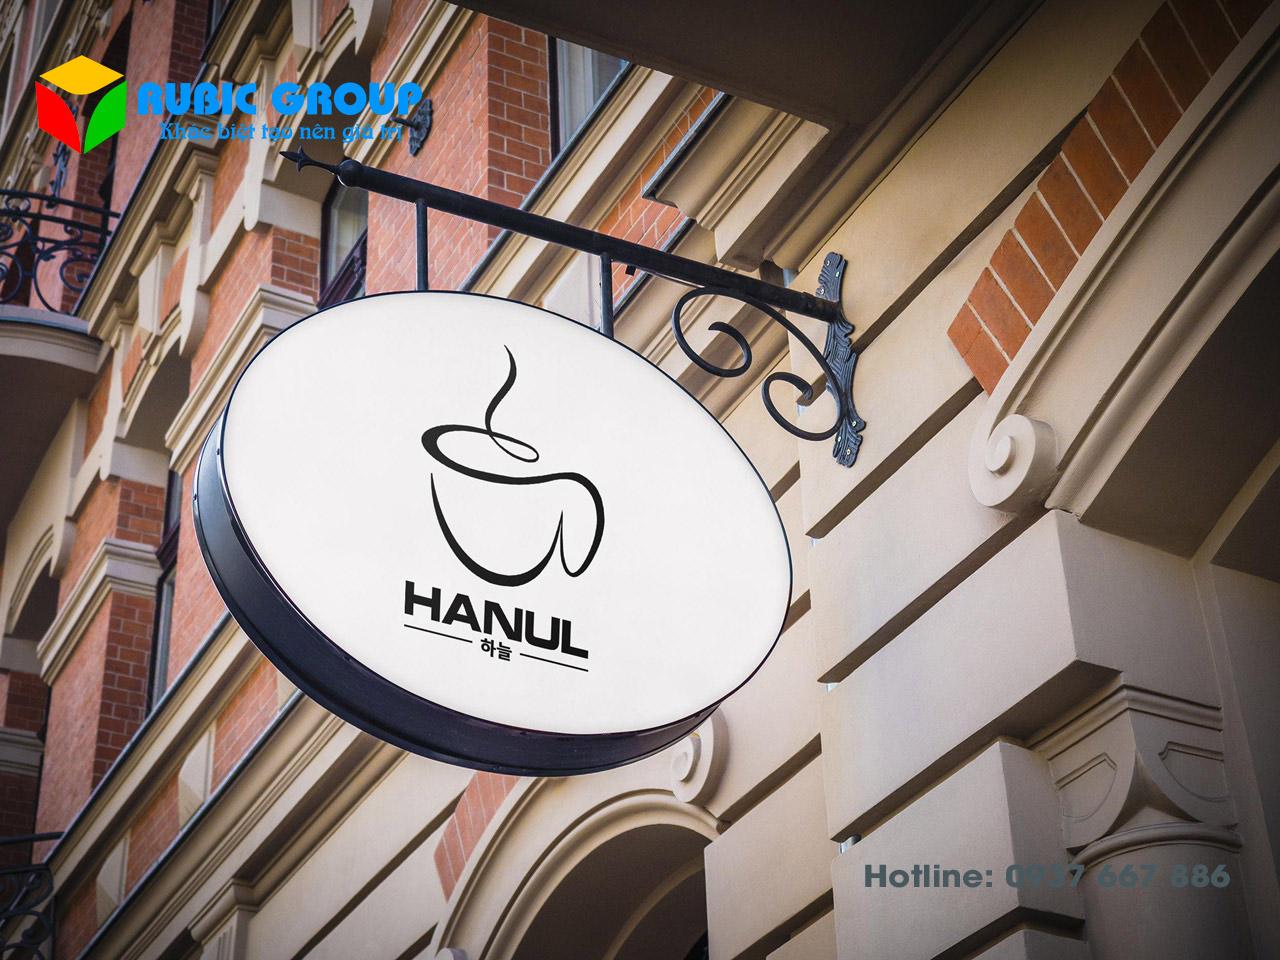 thiết kế bộ nhận dạng thương hiệu cafe